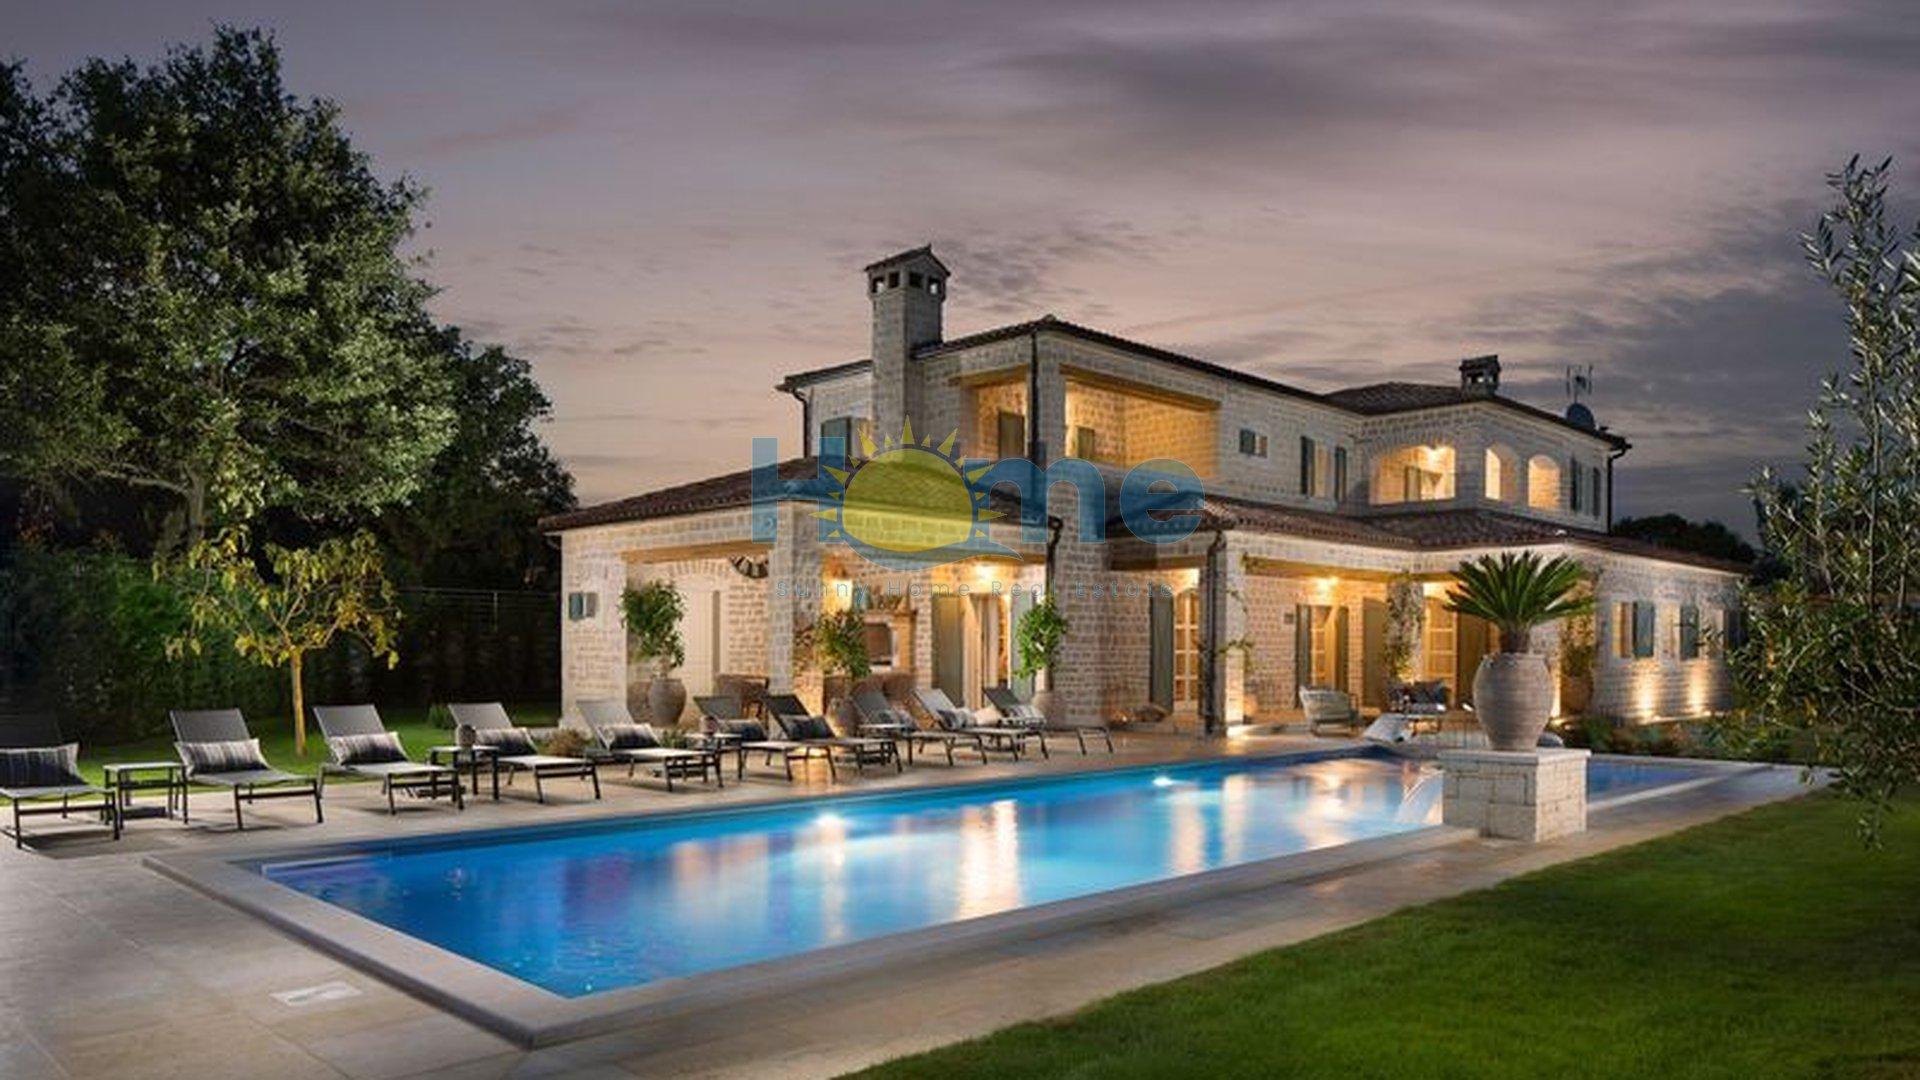 Istra, Kanfanar, luksuzna vila s bogatstvom sadržaja